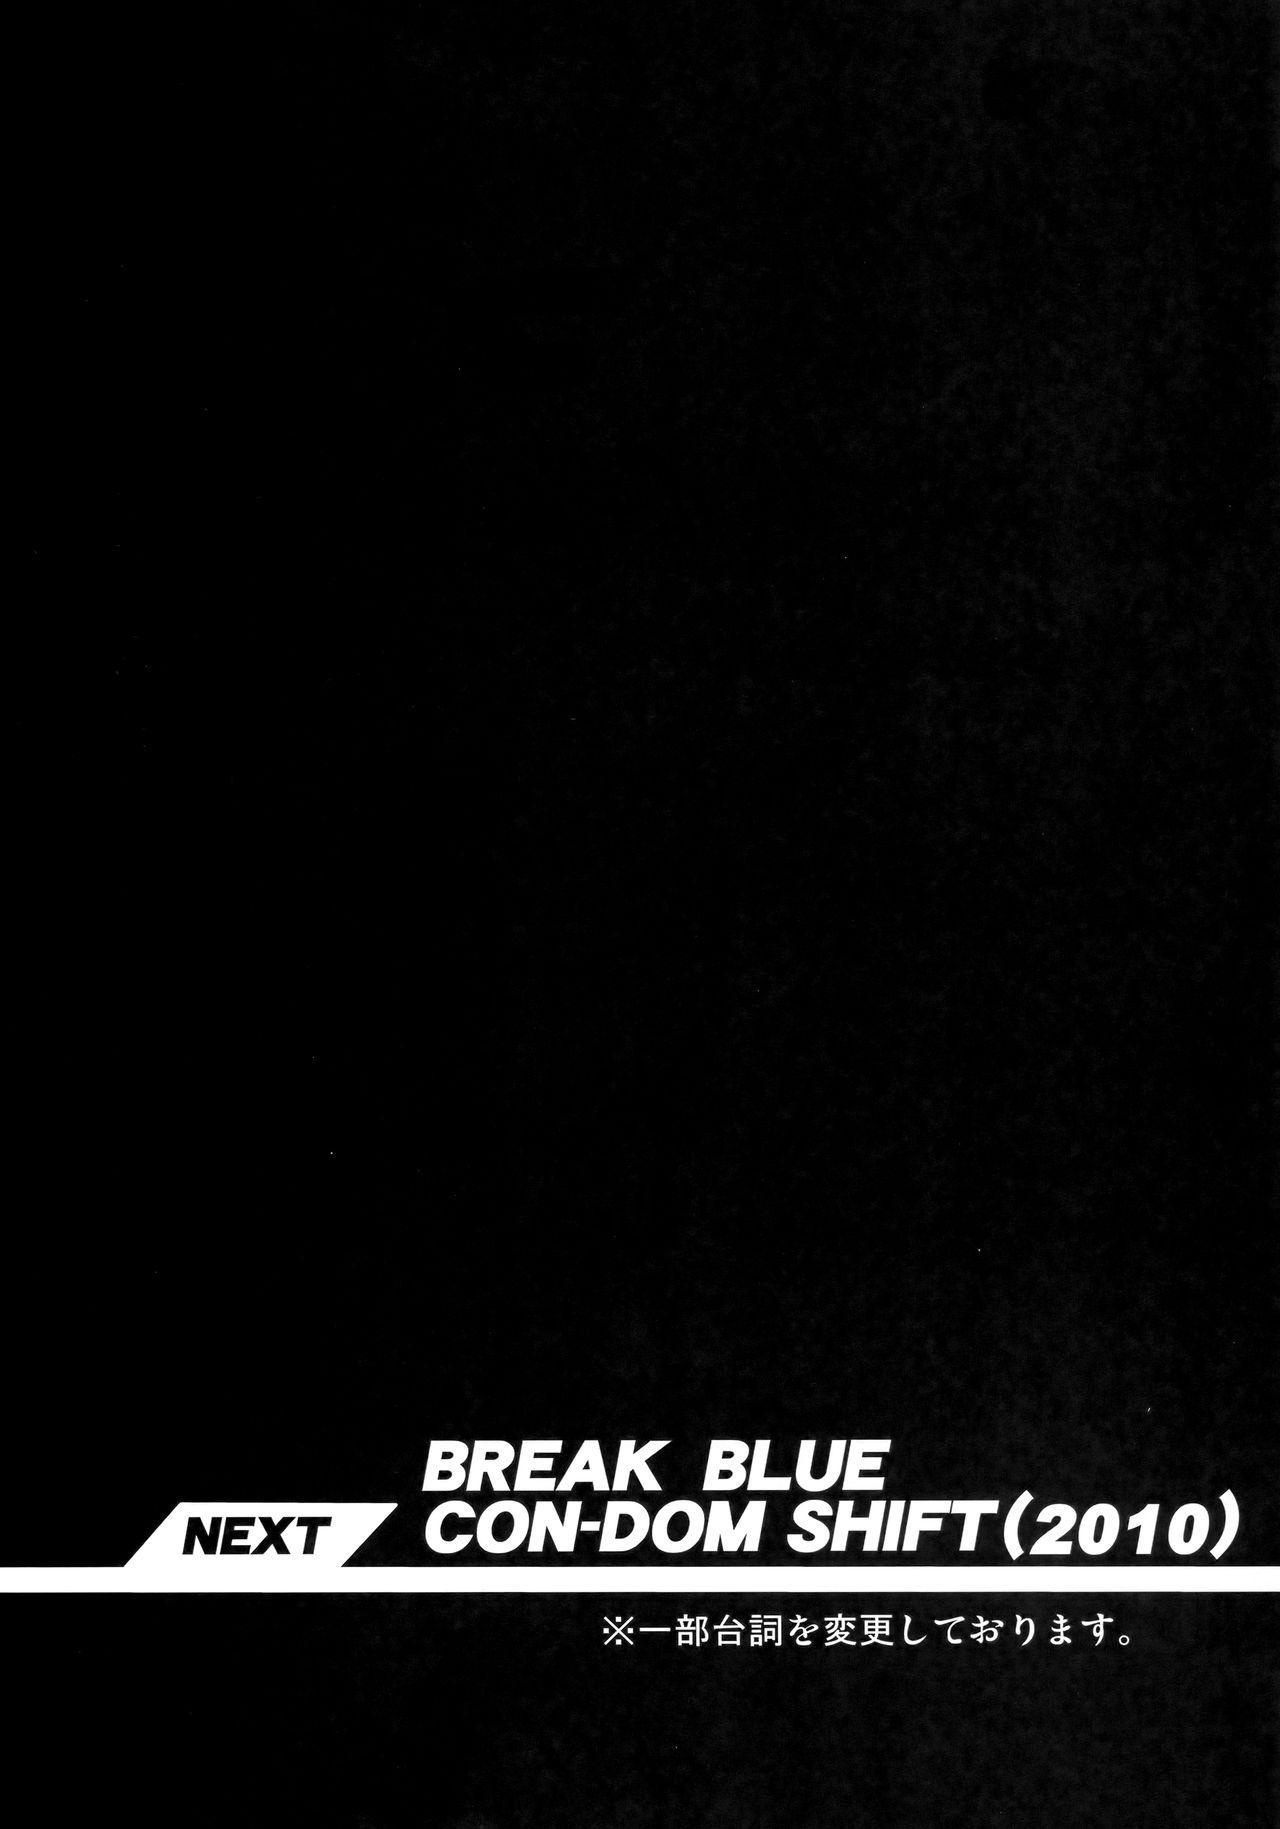 CHRONICLE OF BREAK BLUE 52